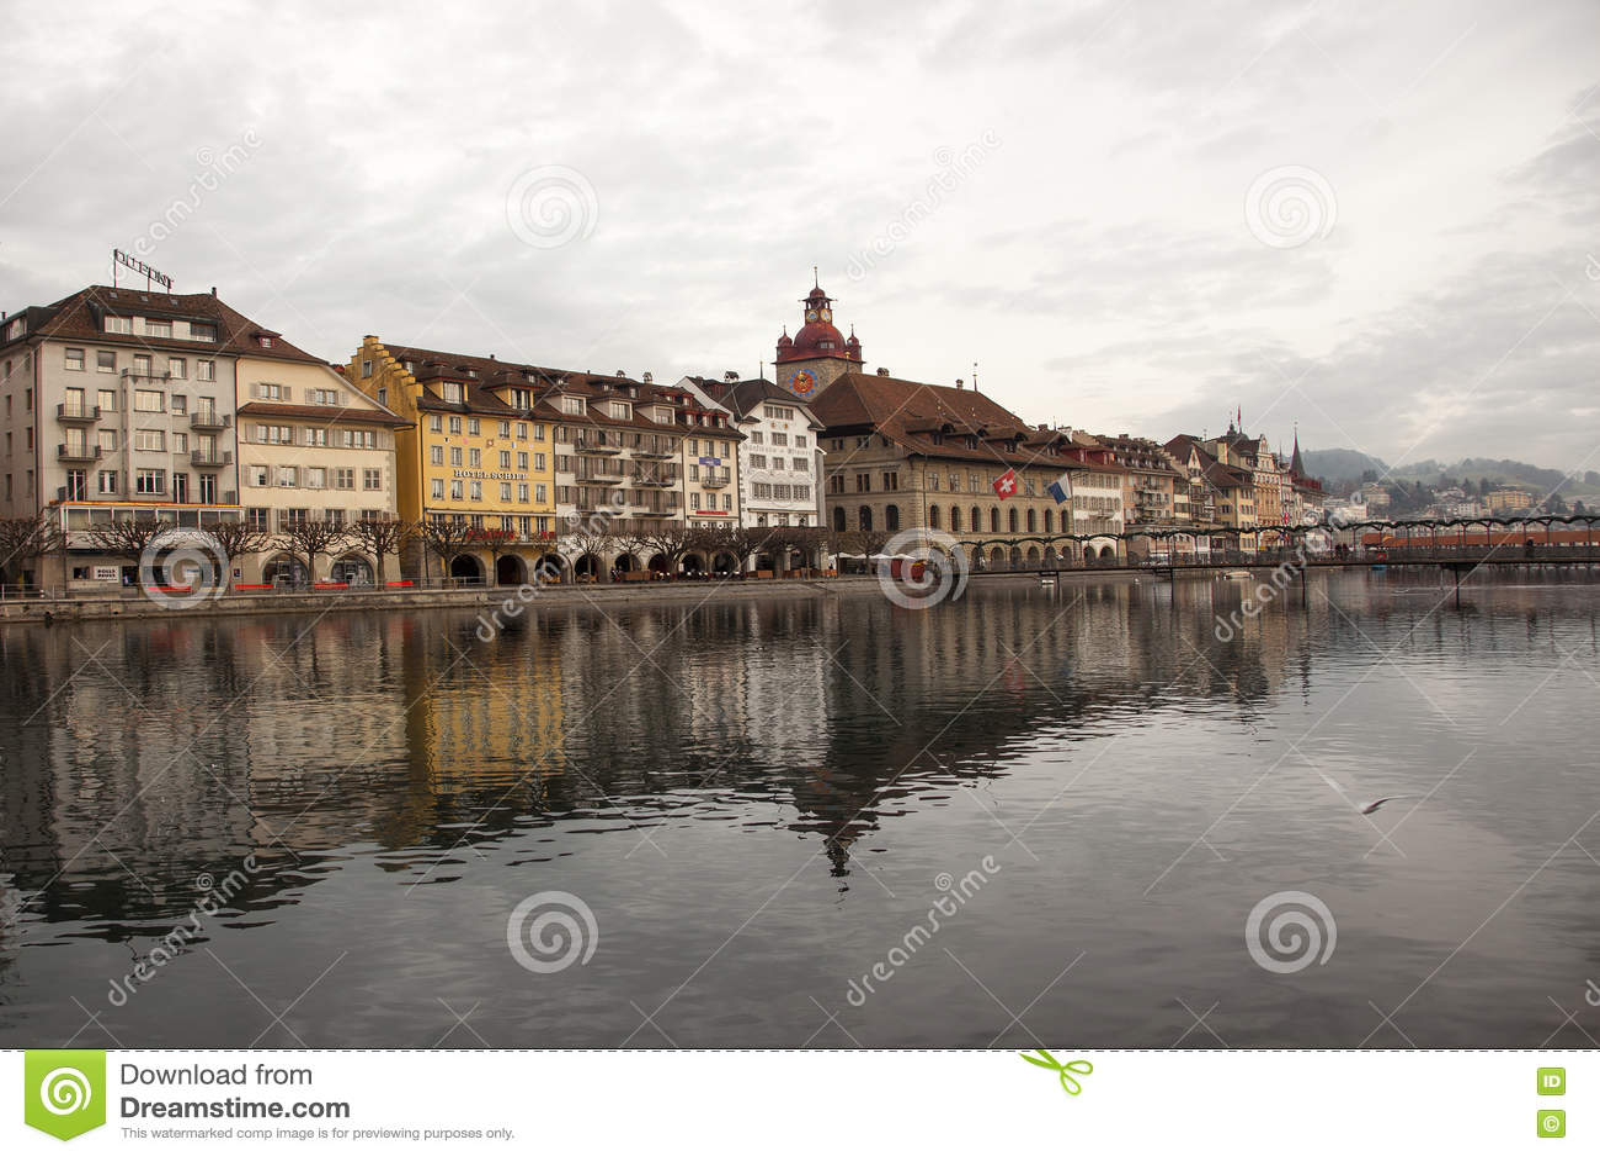 Vues de ville de Lucerne du centre (luzerne), Suisse